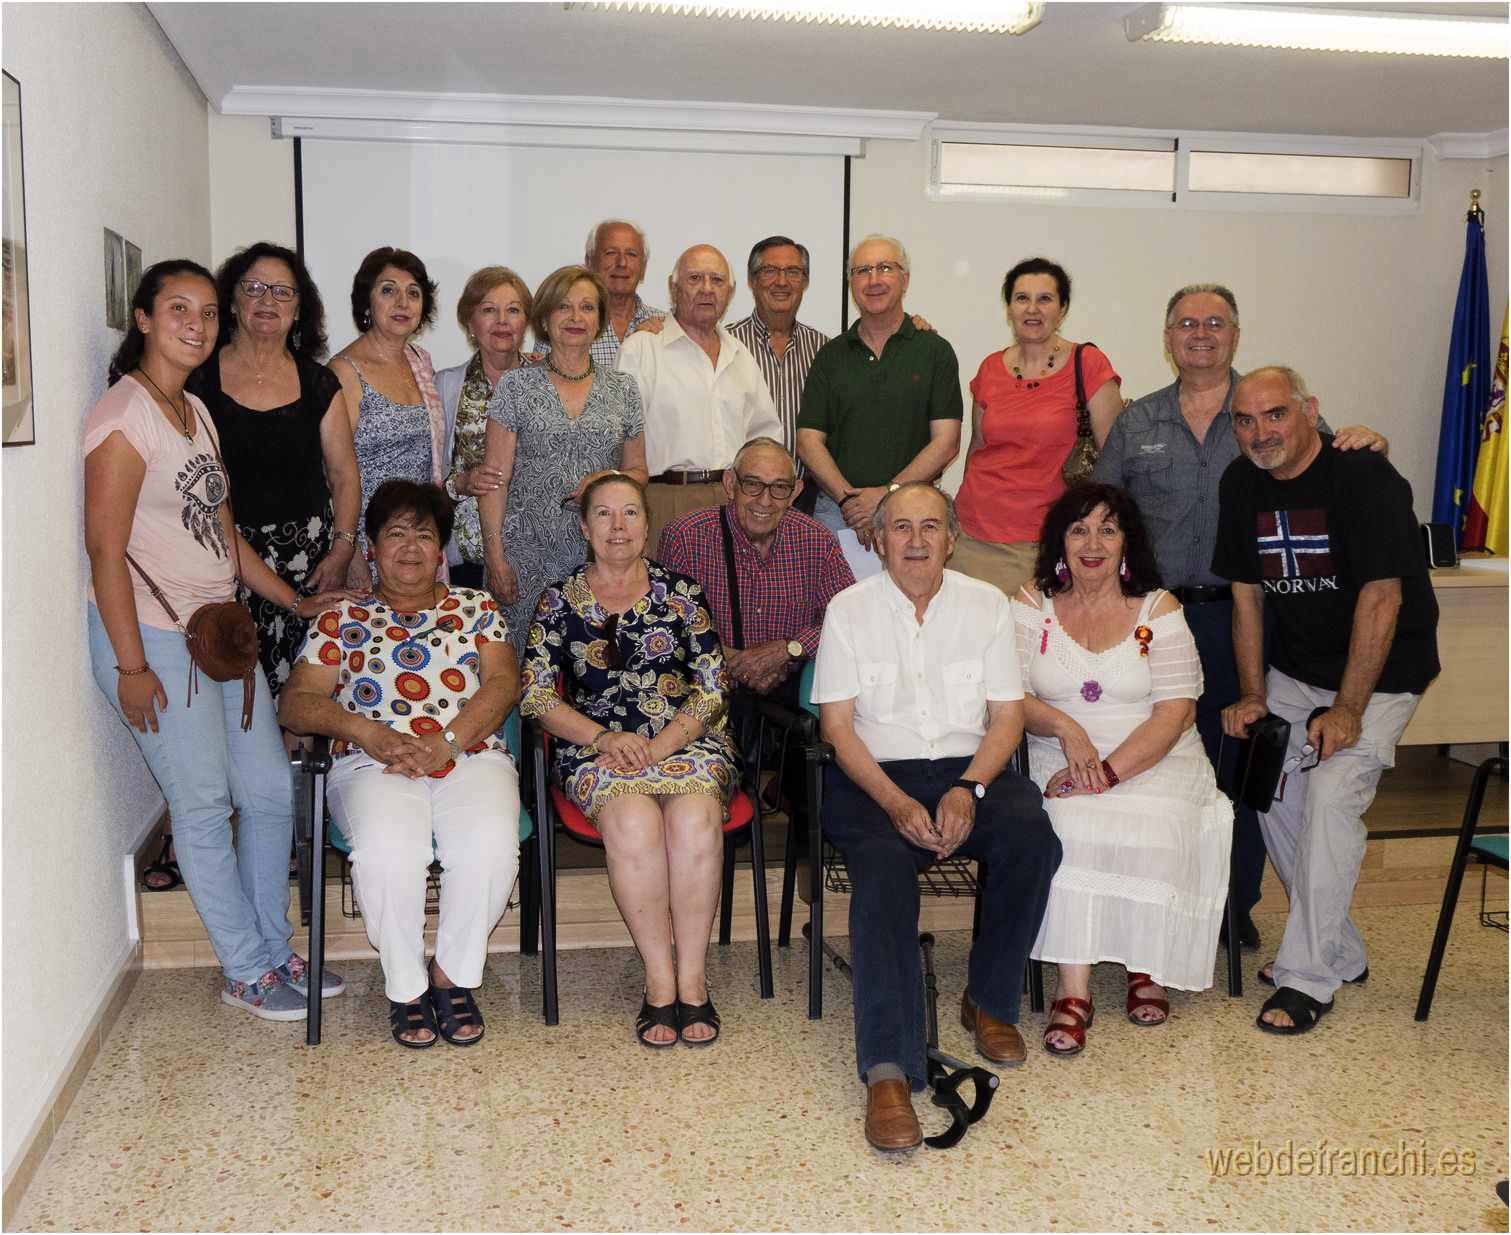 Grupo de Posía Espejo de Alicante